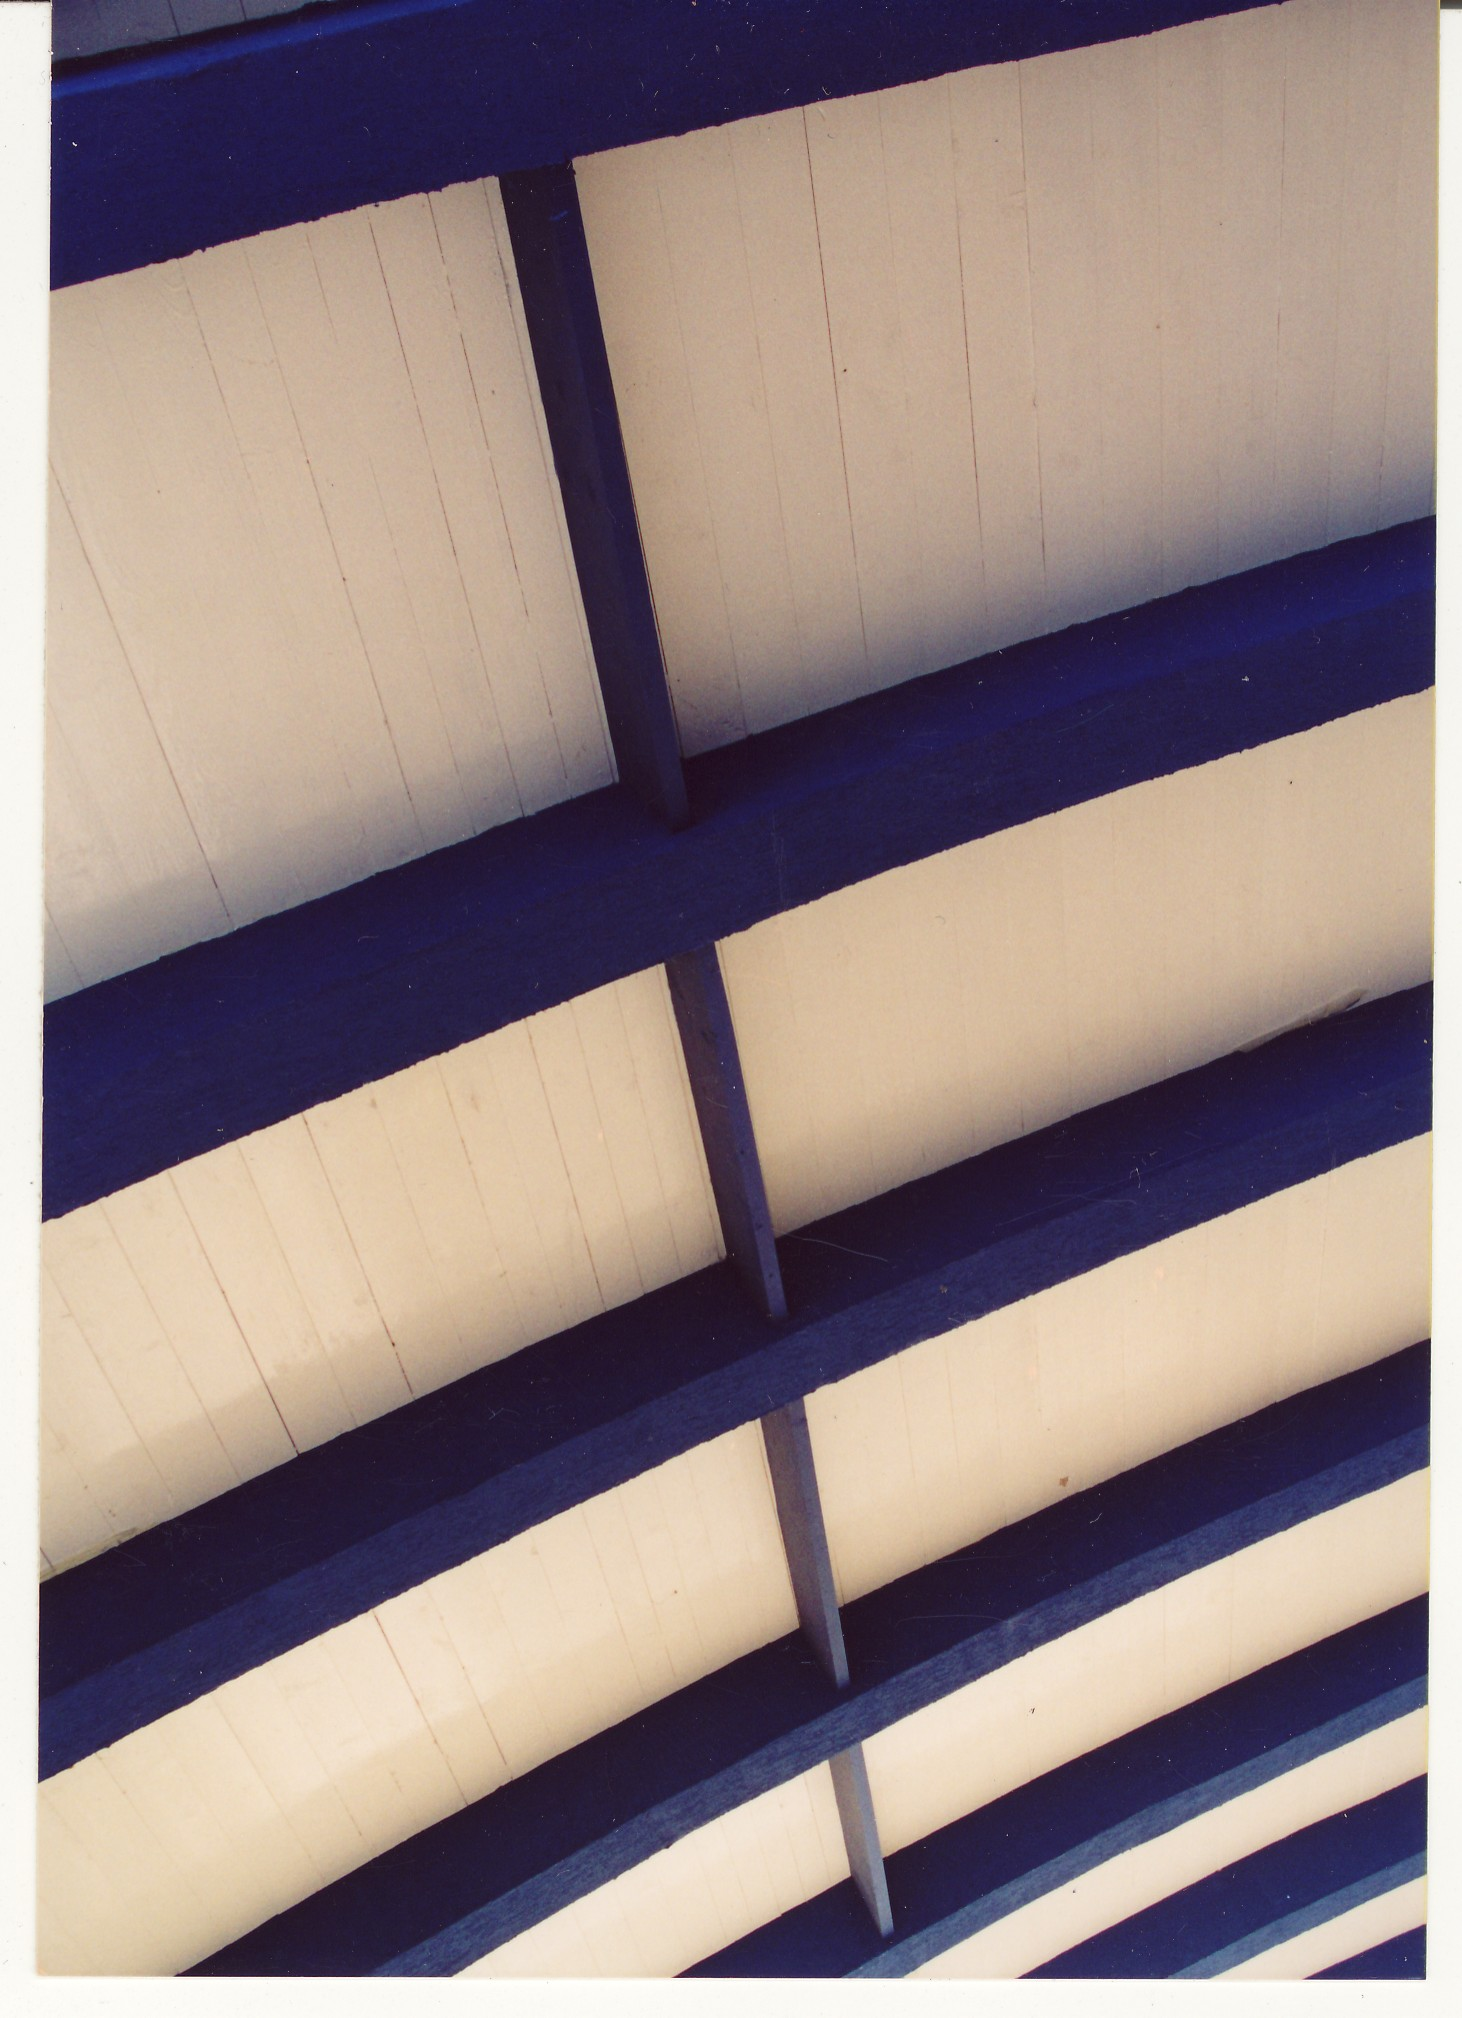 Casa de vacanta  - Poza 4